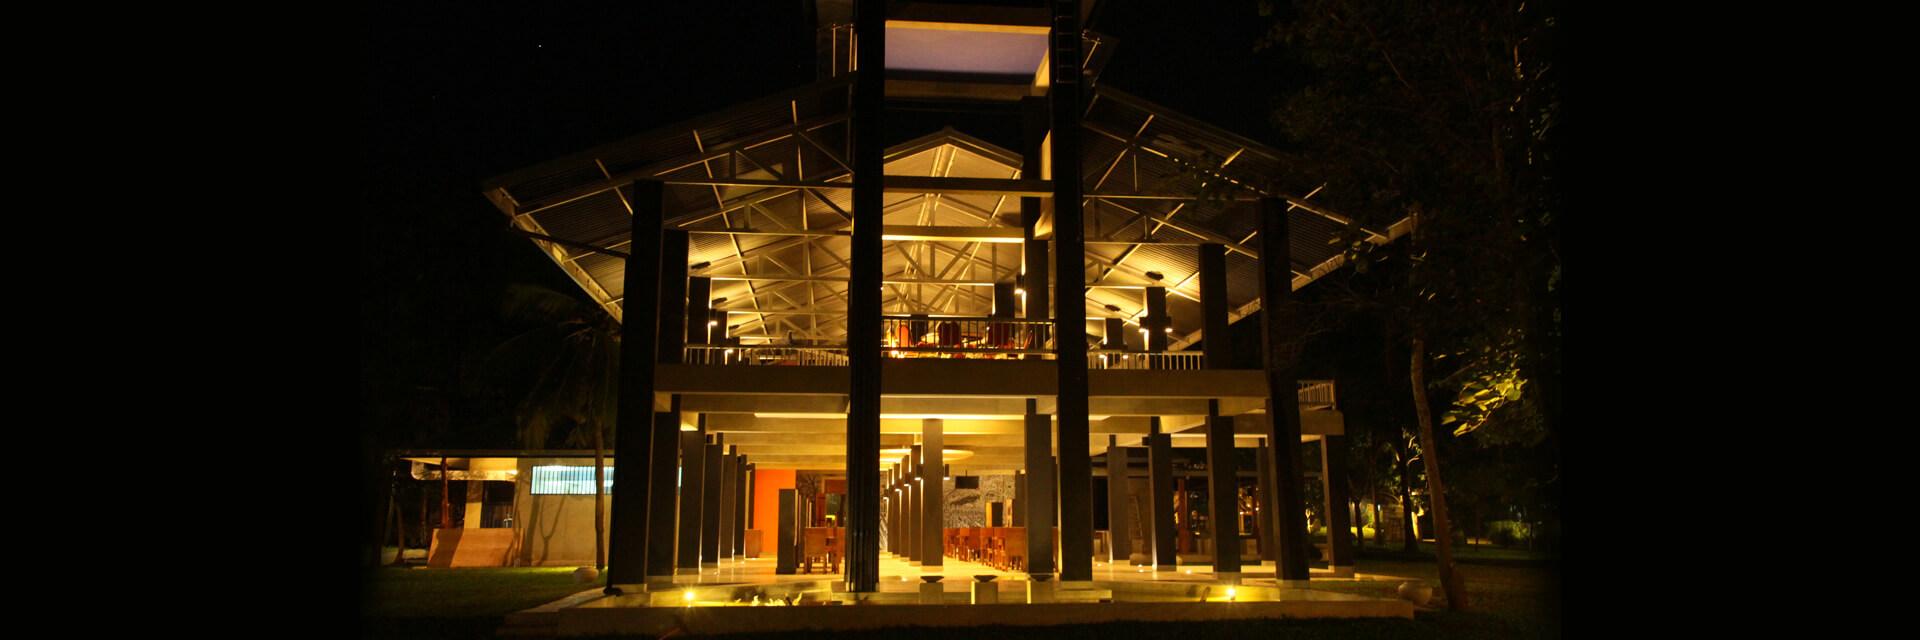 udawalawe hotels sri lanka - Nilidiya Mankada Hotel Udawalawe